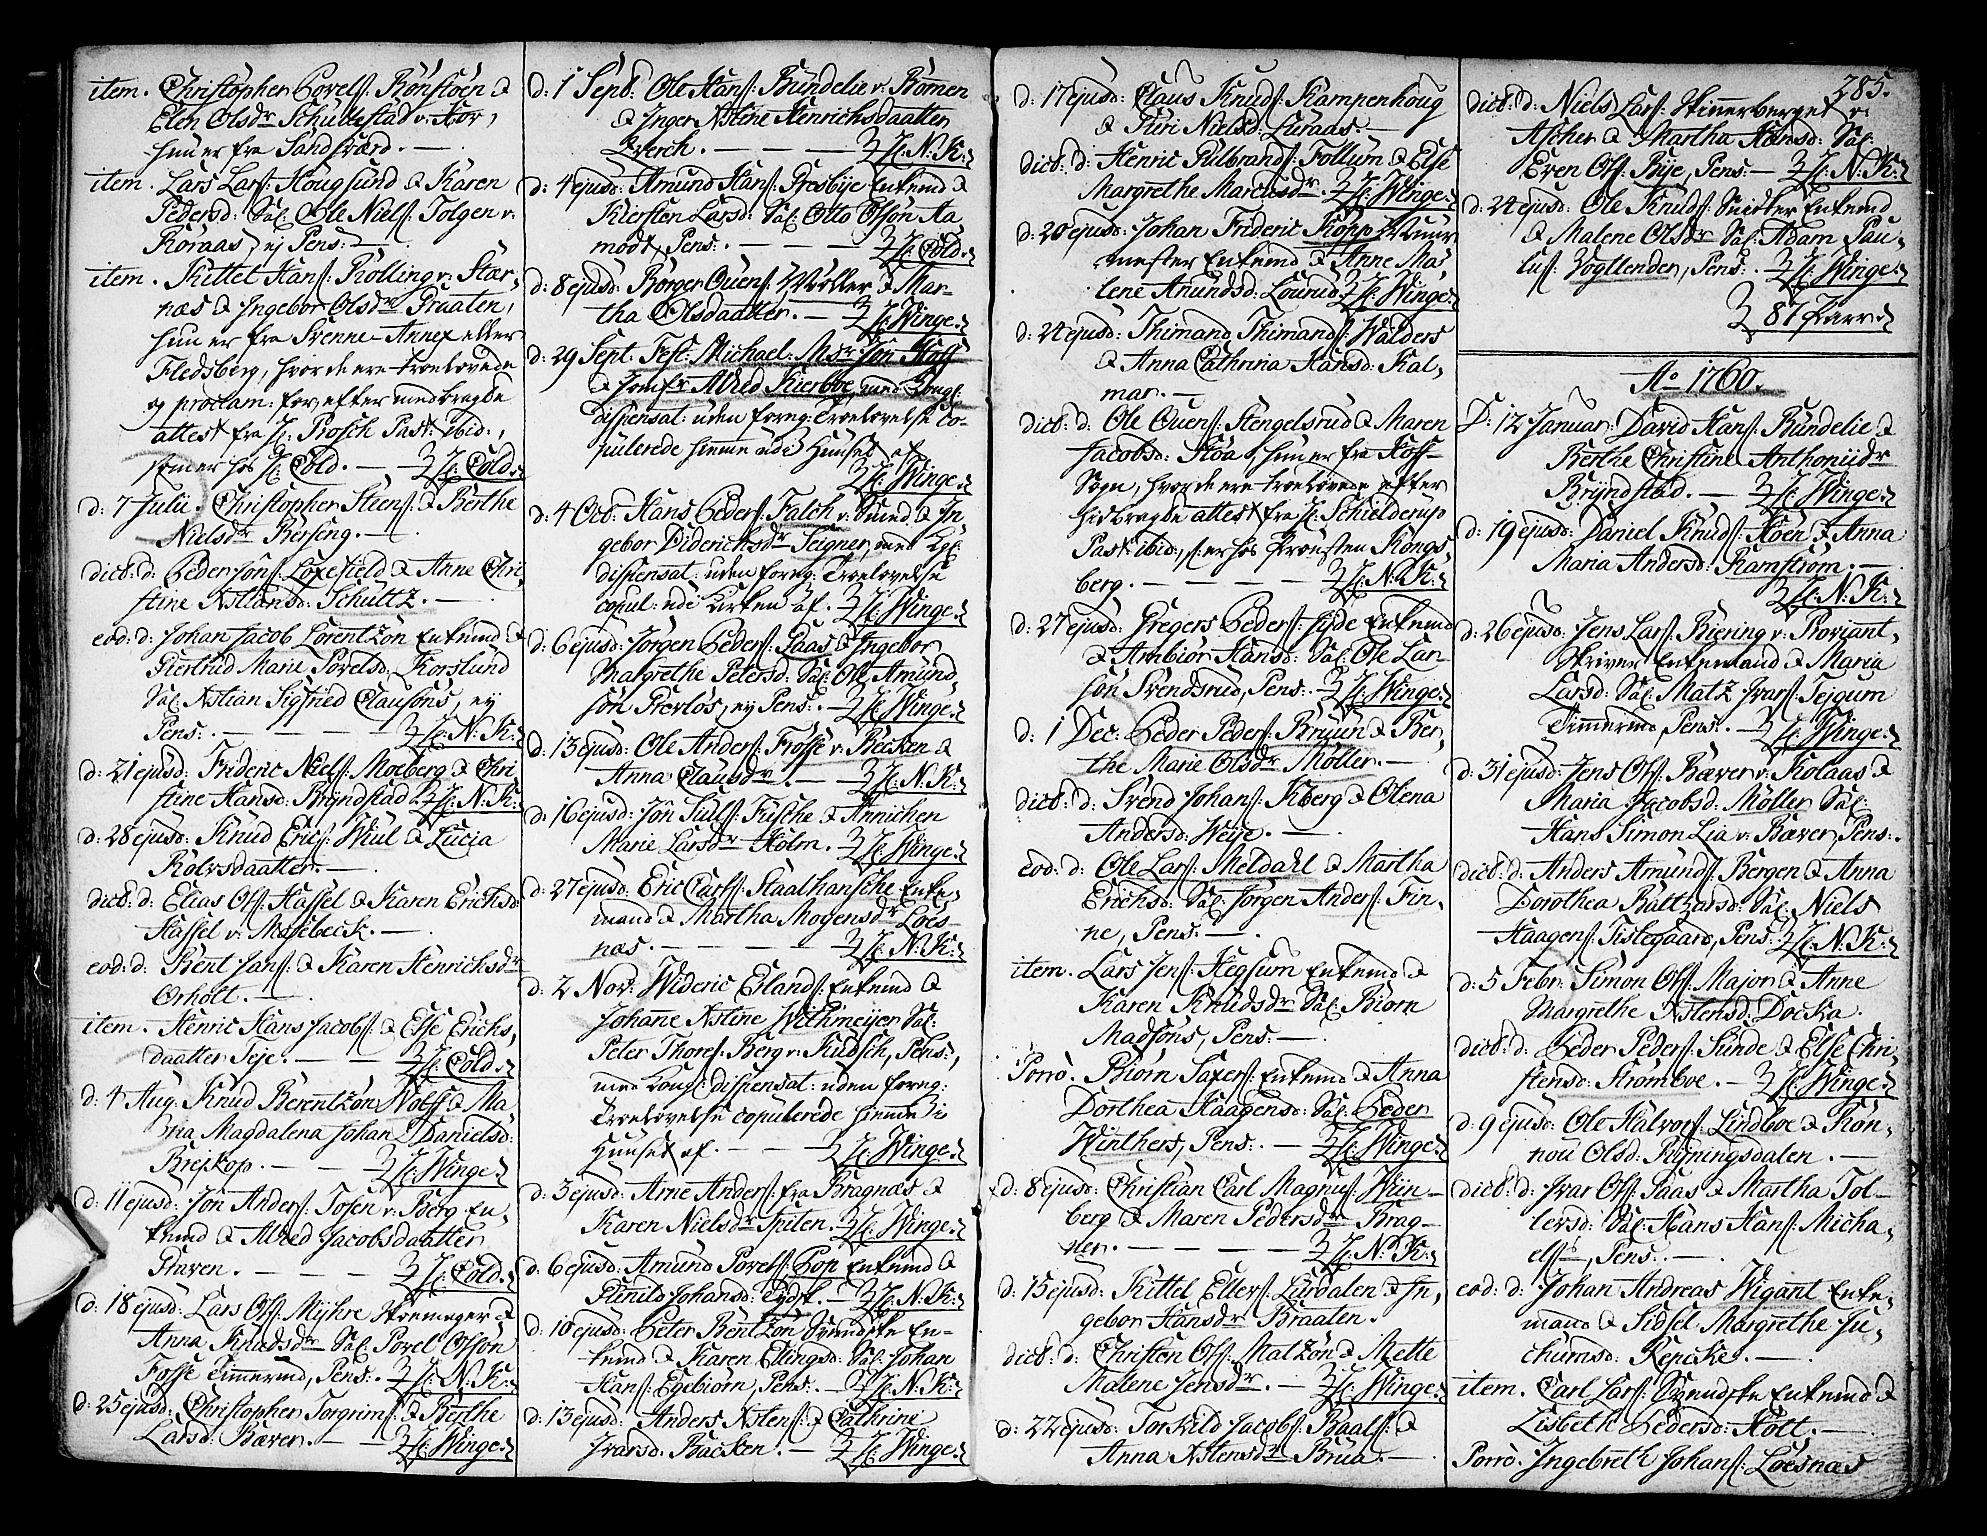 SAKO, Kongsberg kirkebøker, F/Fa/L0004: Ministerialbok nr. I 4, 1756-1768, s. 285